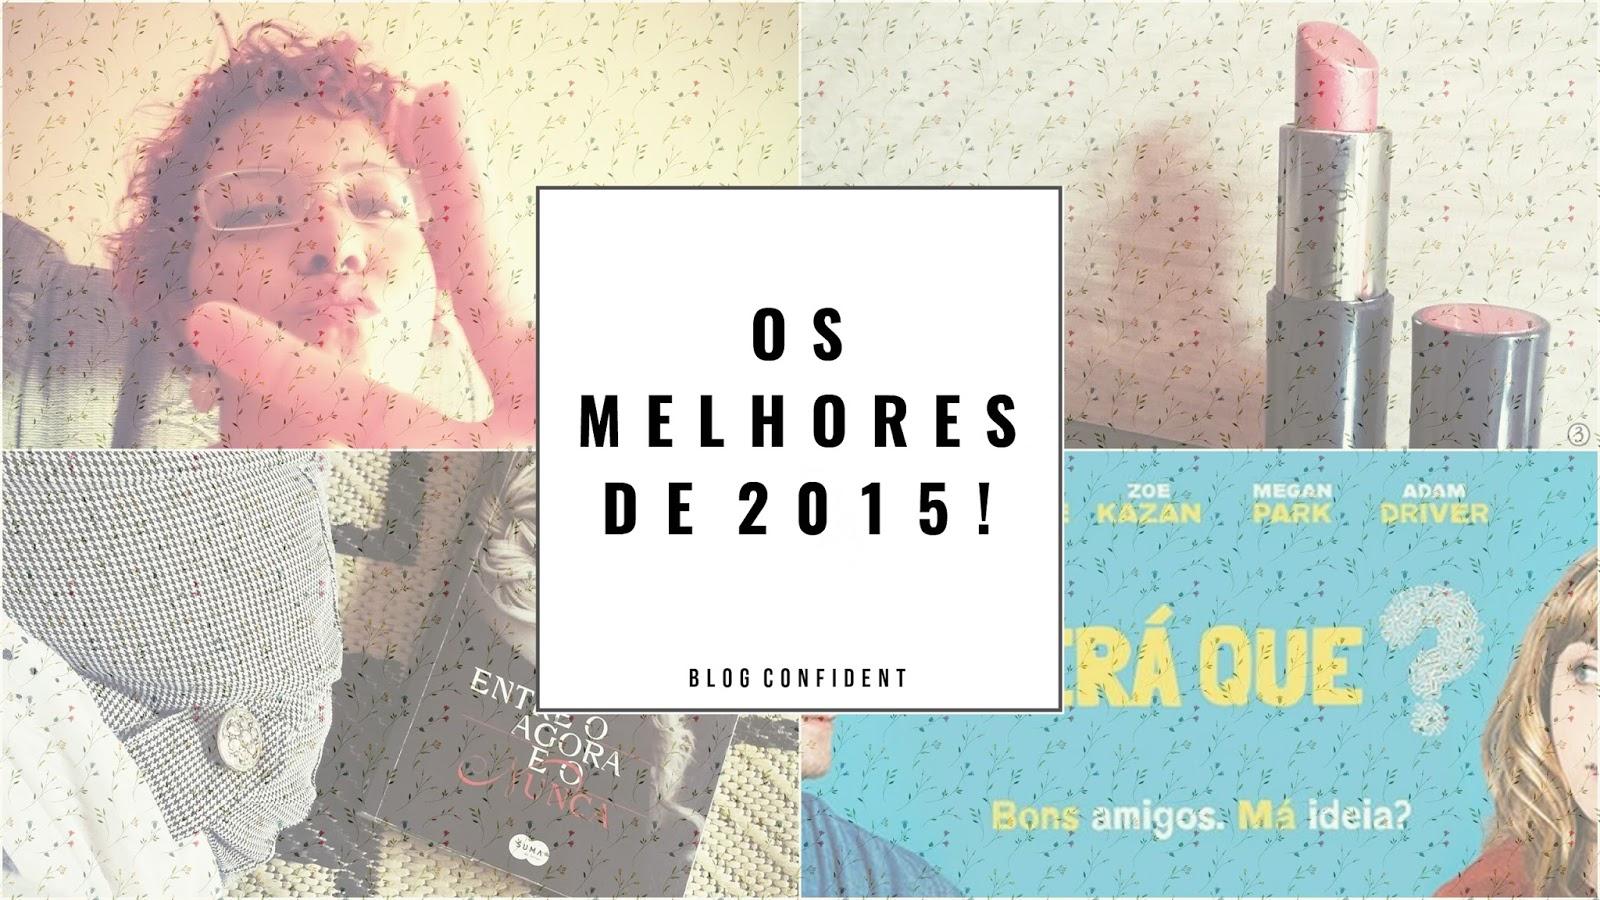 OS MELHORES DE 2015.